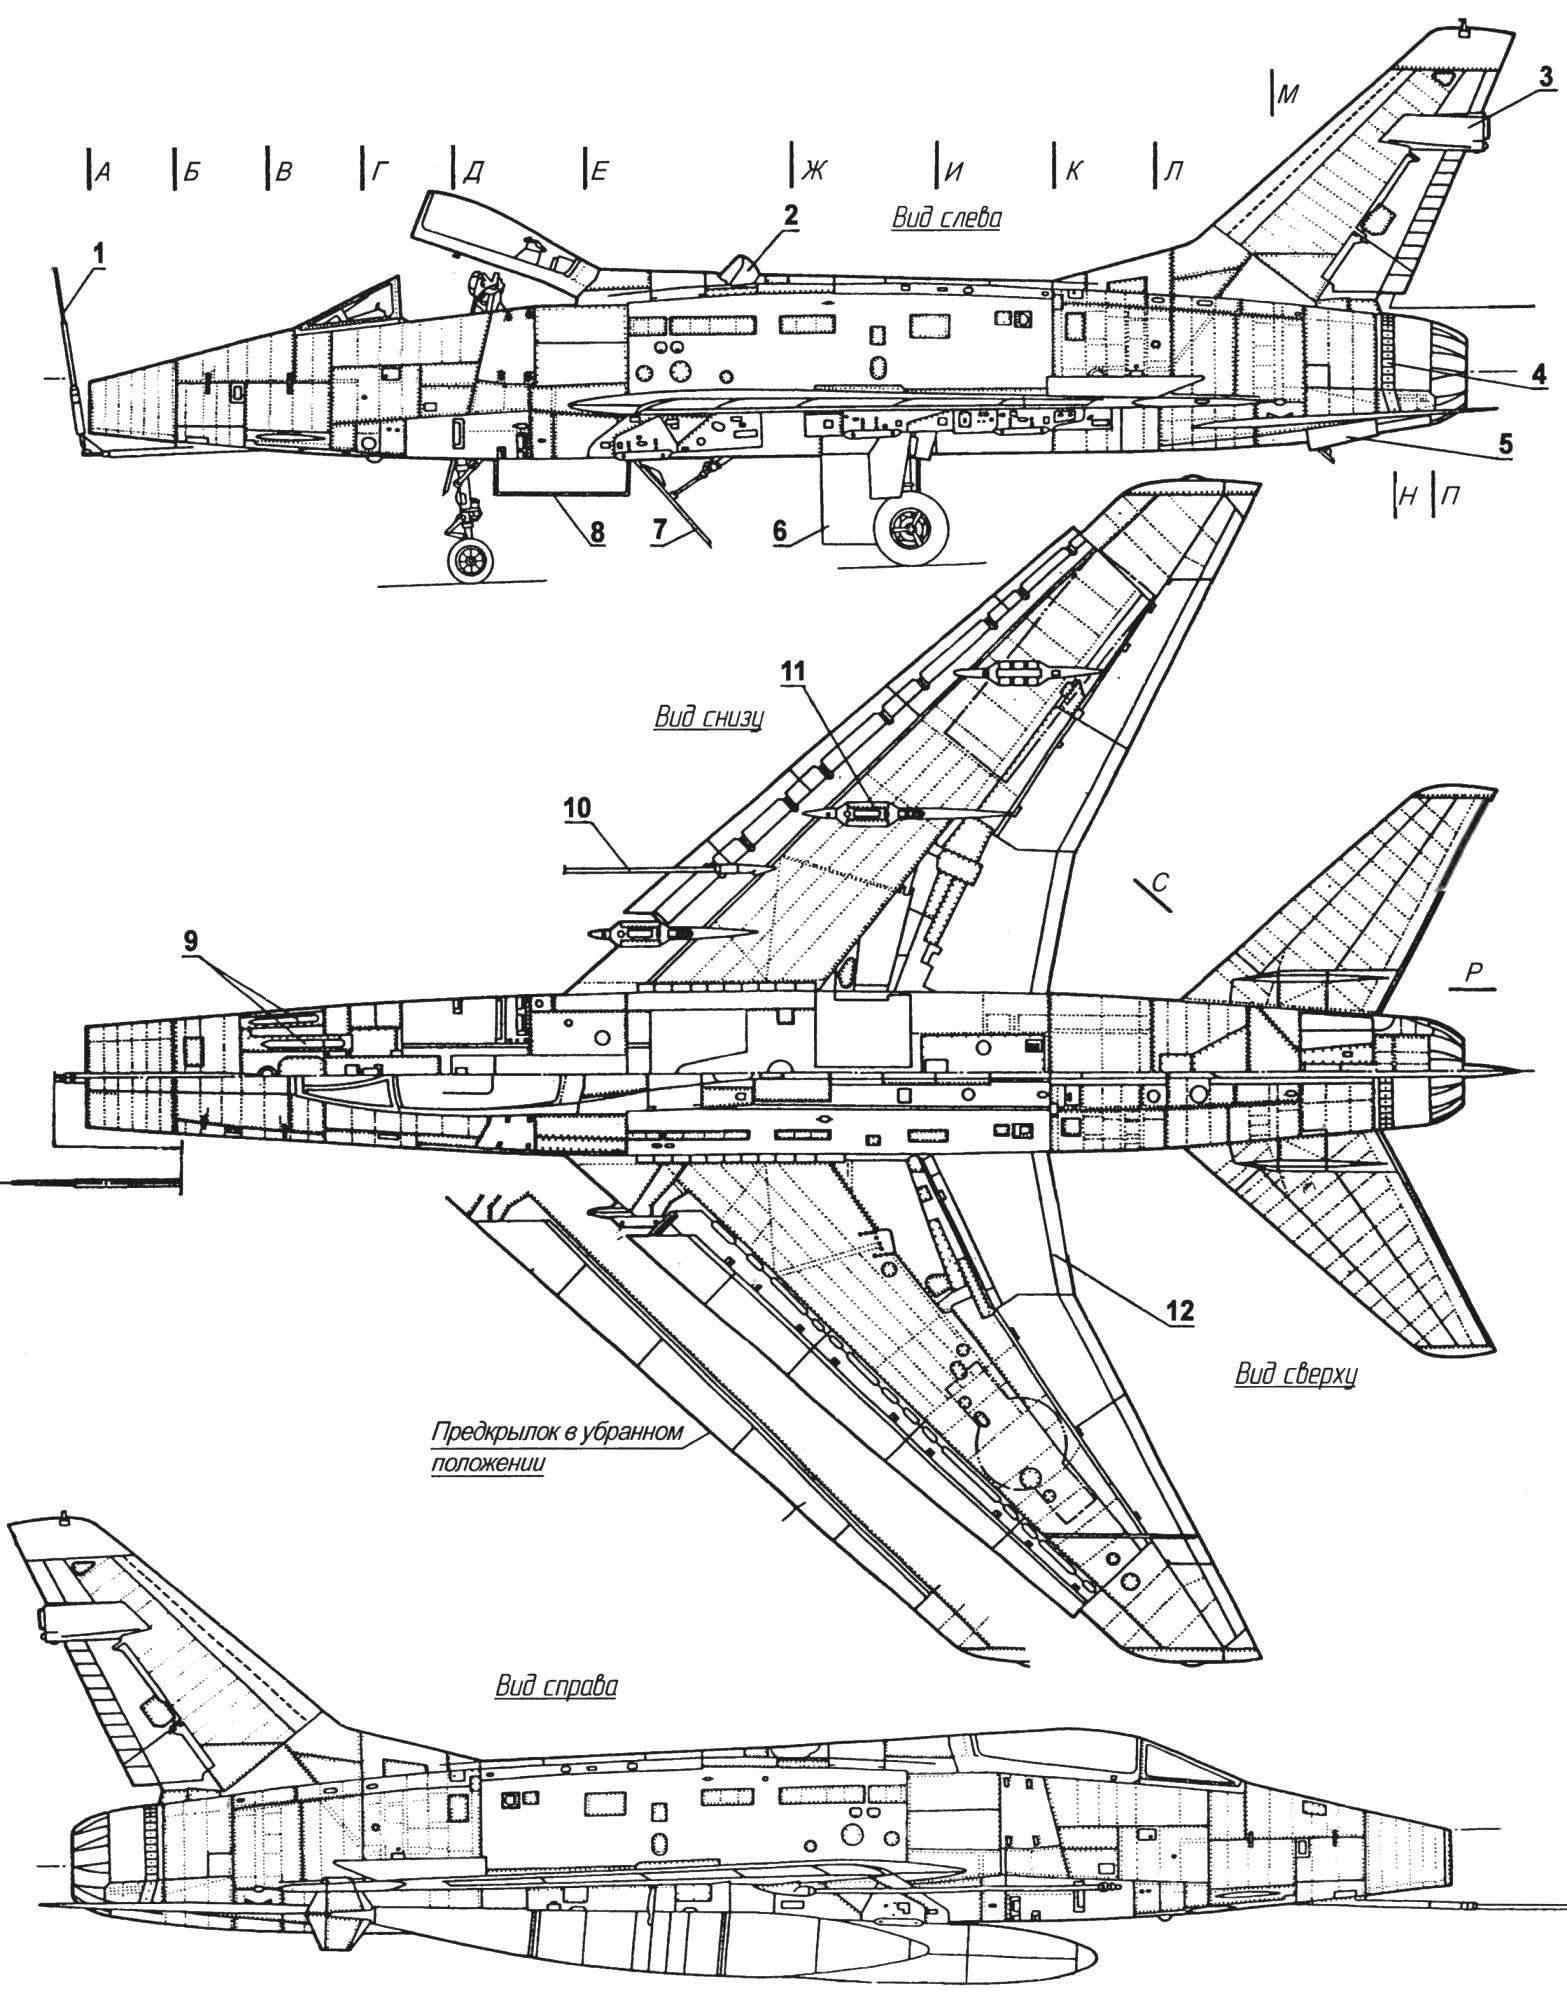 Fighter-bomber F-100D Super Sabre